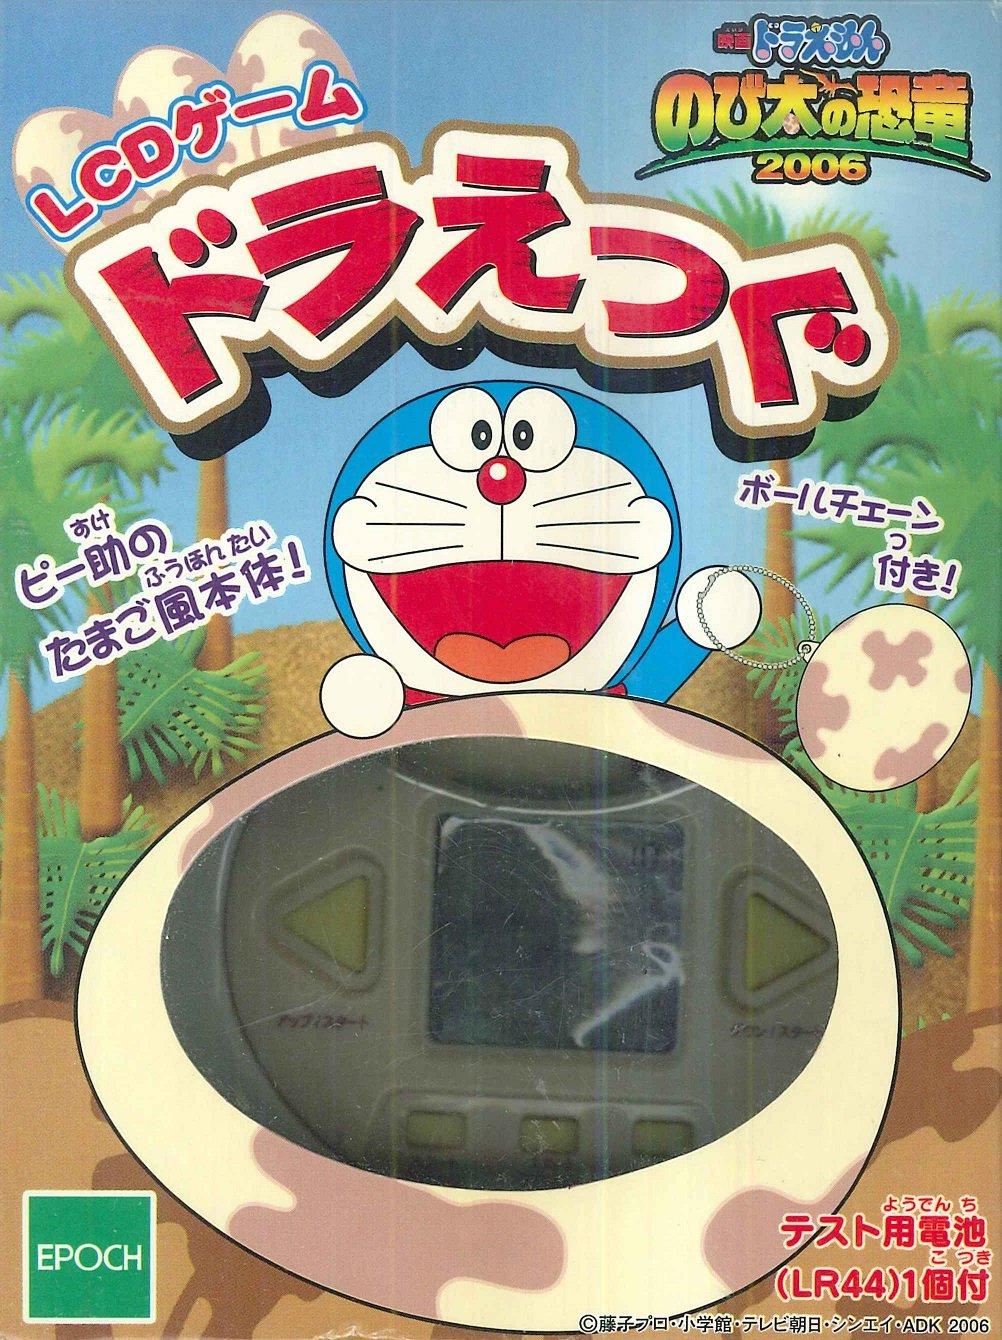 LCDゲーム ドラえっぐ B000CEGY7M